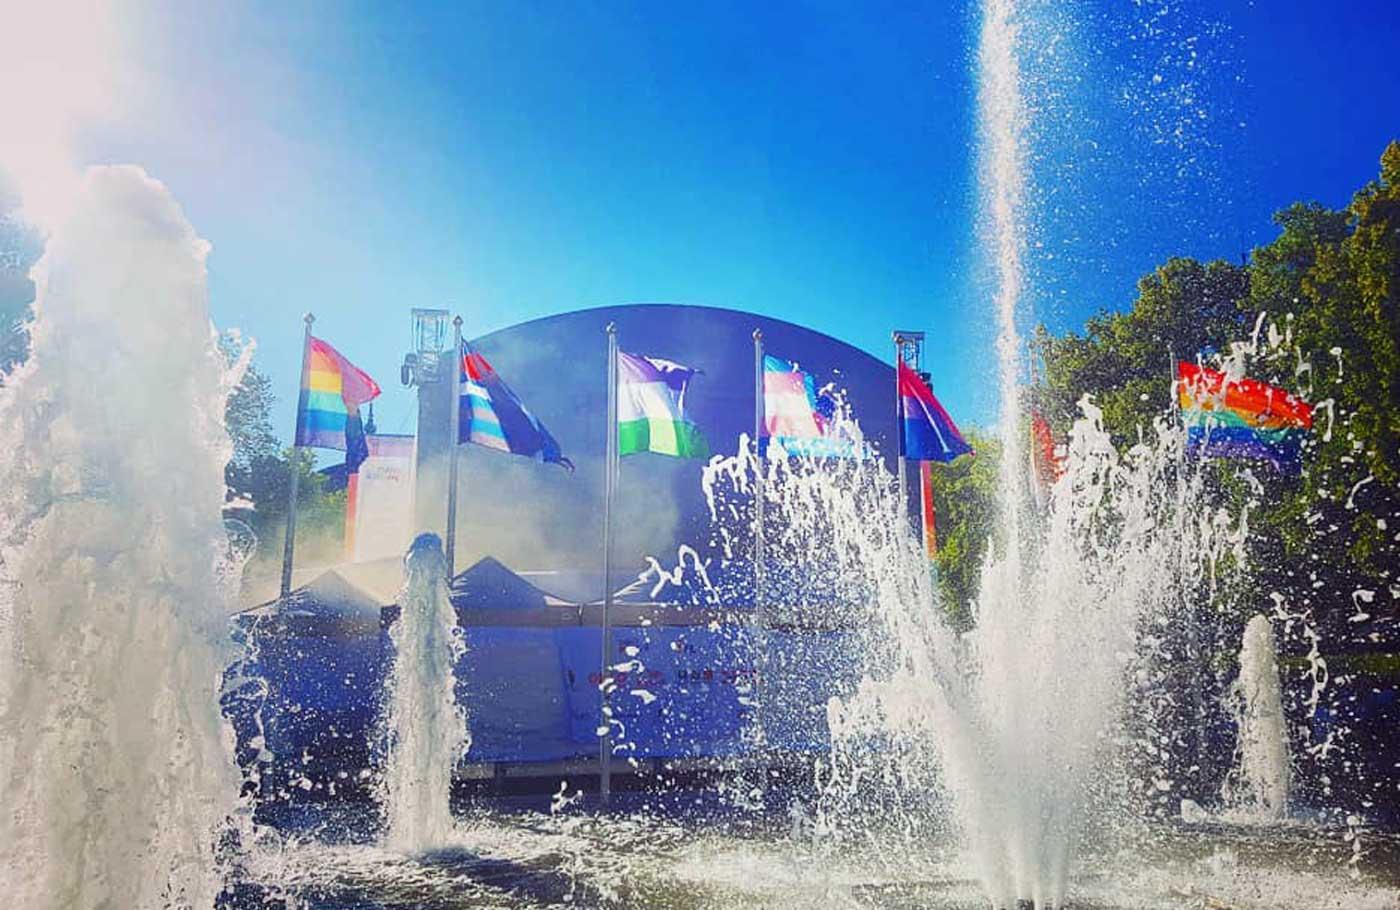 Oslo Pride er et magisk mangfold. Kjærligheten bobler over i byen vår. Og i sentrum av det hele finner vi BamseScenen i Pride Park. En scene som bygger fullt og helt på solidaritet , hvor alle artister stiller opp gratis.